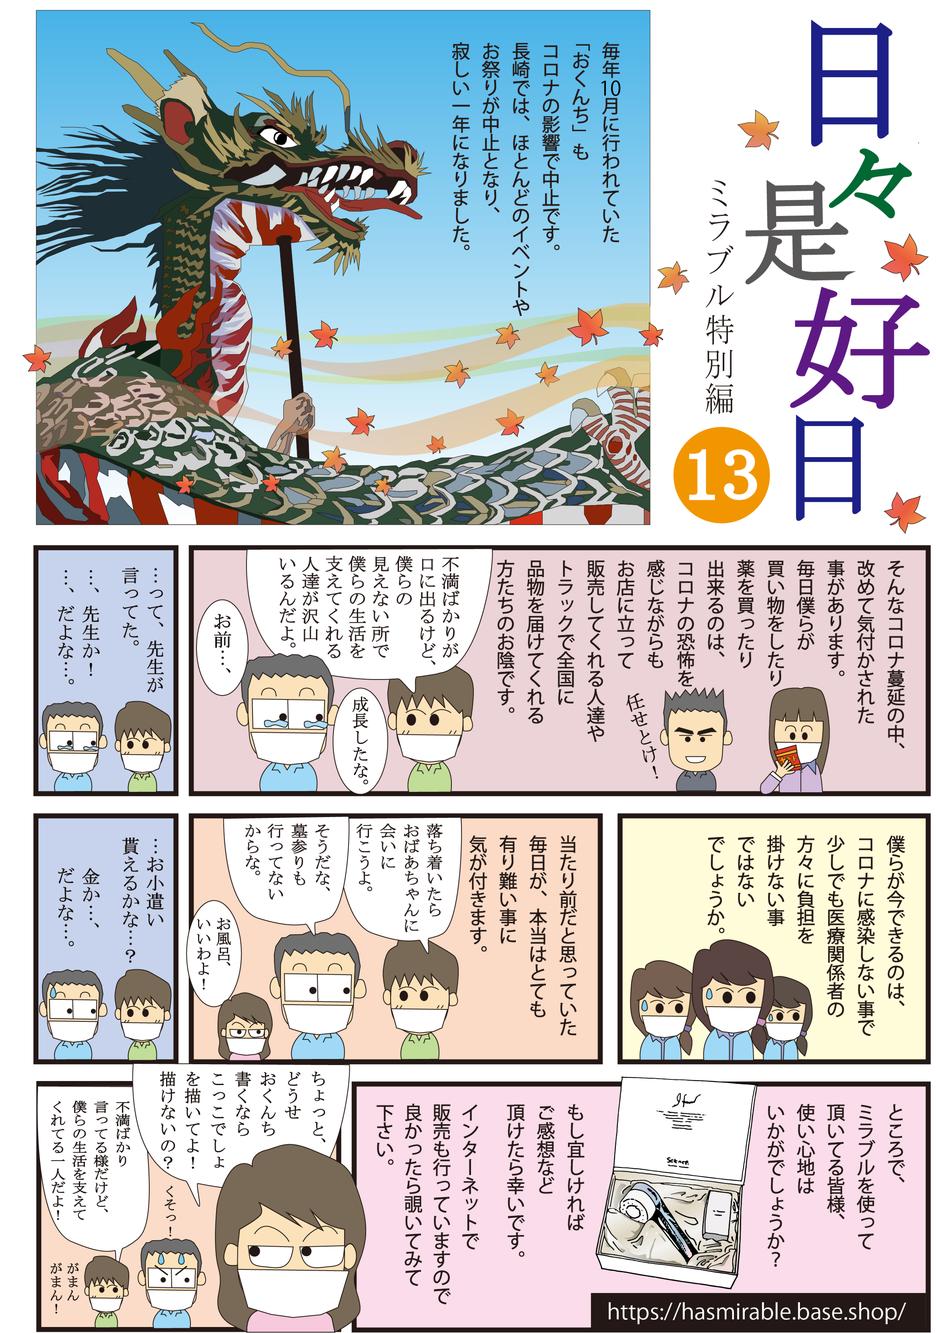 ミラブル企画裏話漫画「日々是好日13」